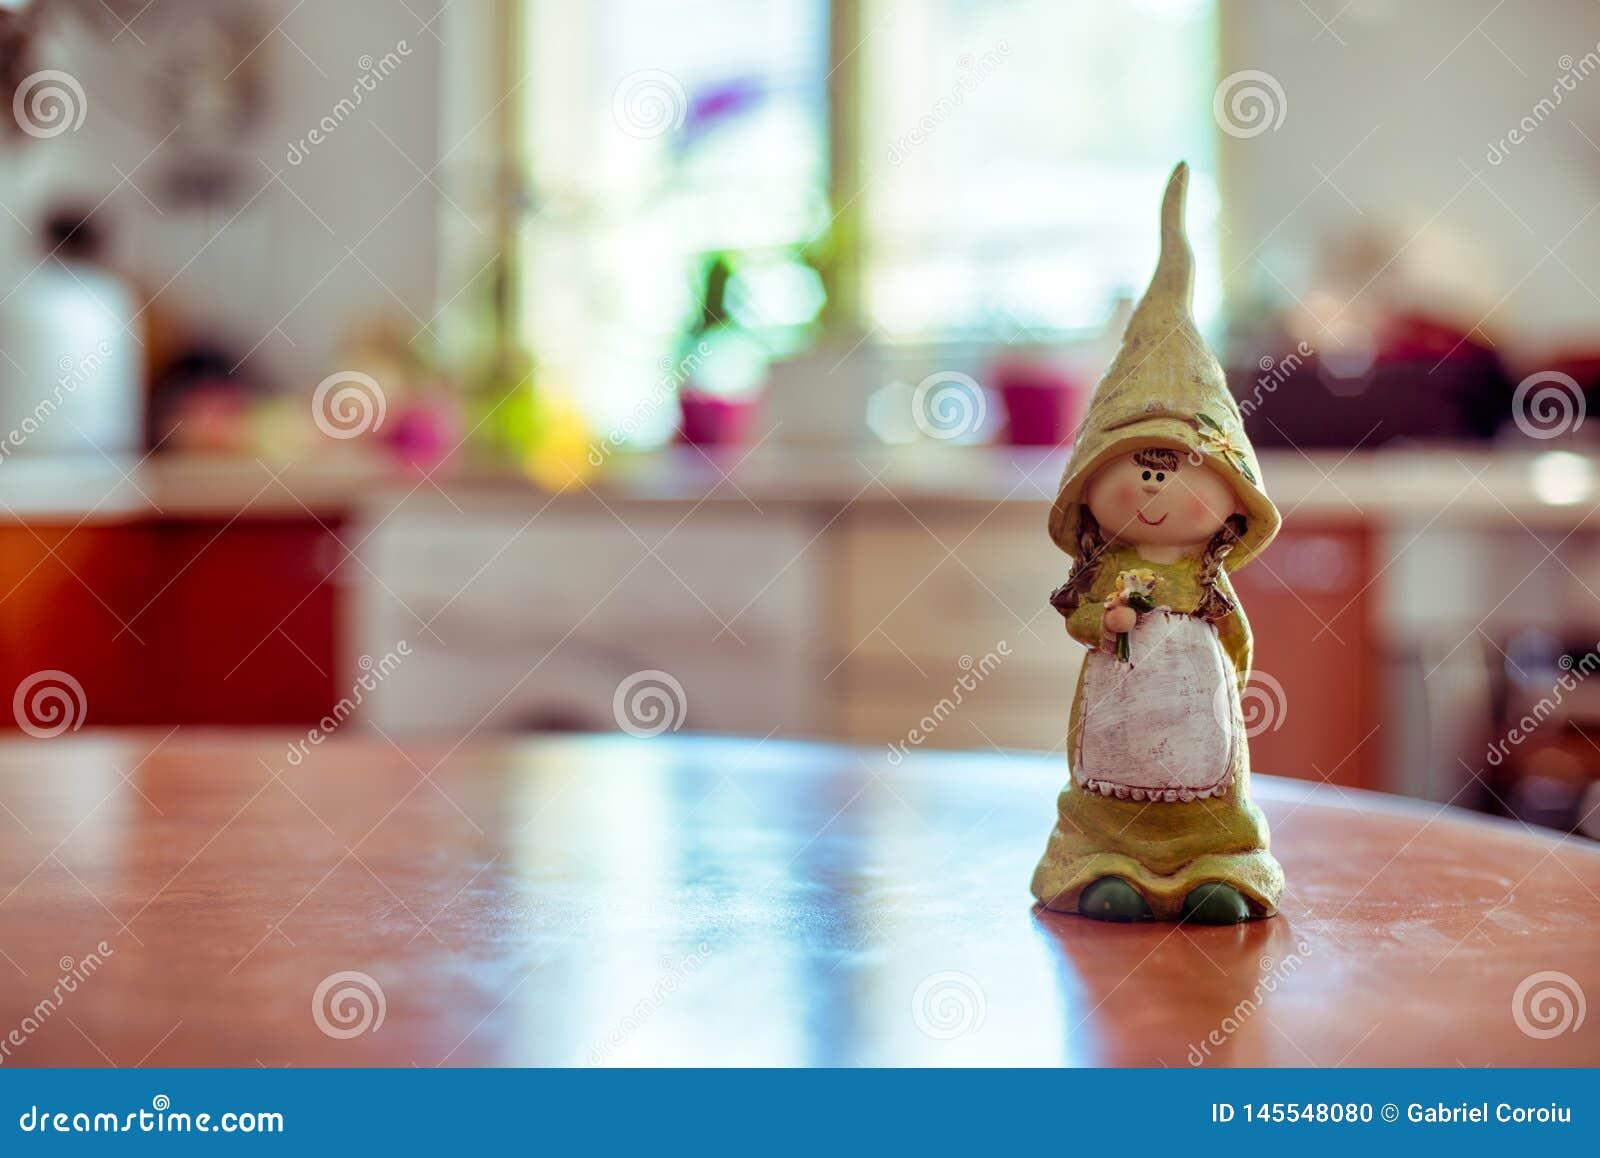 Девушка талисмана говорит вам доброе утро в кухне